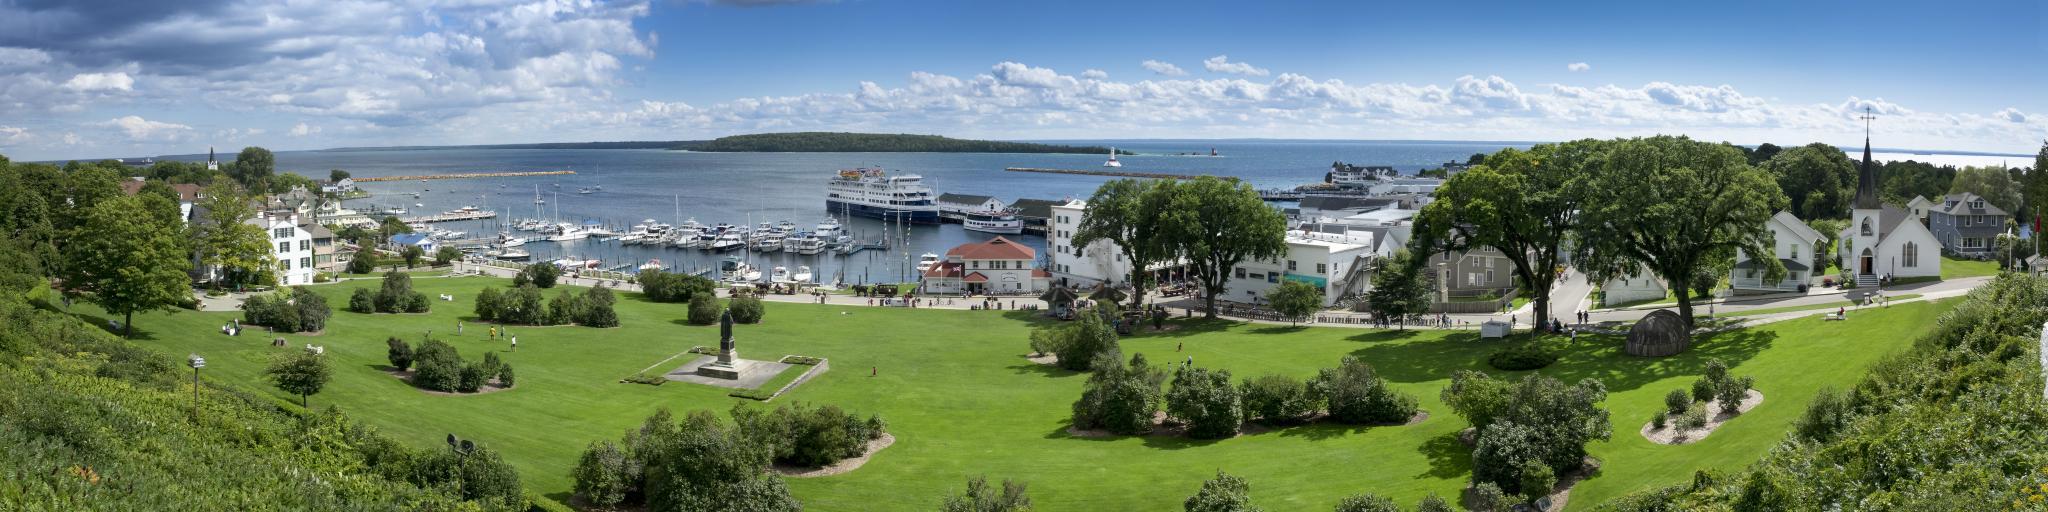 Panoramic view of State Harbor Marina on Mackinac Island, Michigan